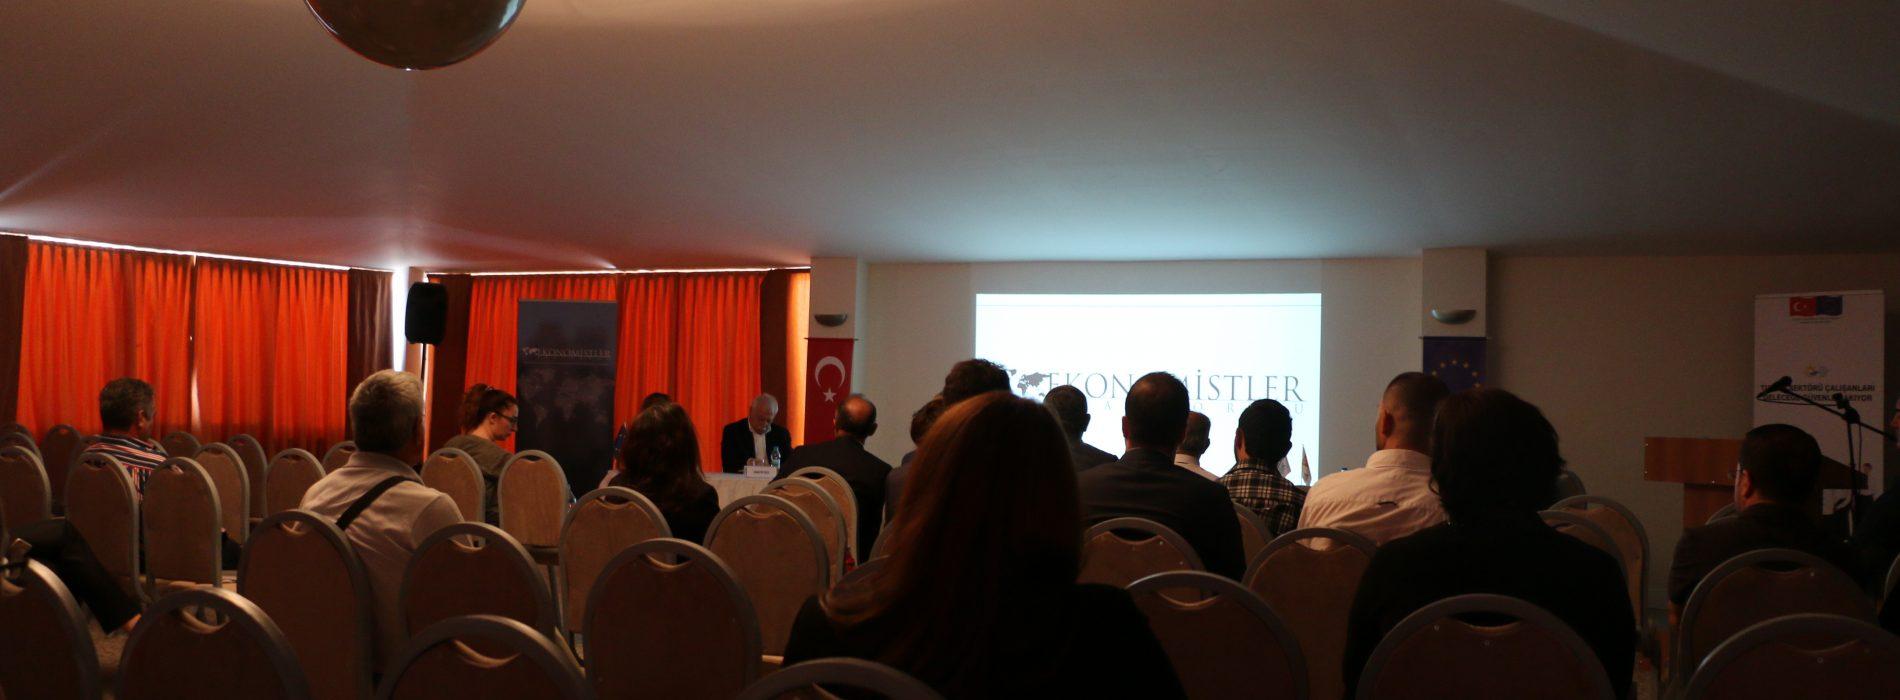 Turizm Sektörü ve Kayıtlı İstihdam Konferansı Gerçekleşti